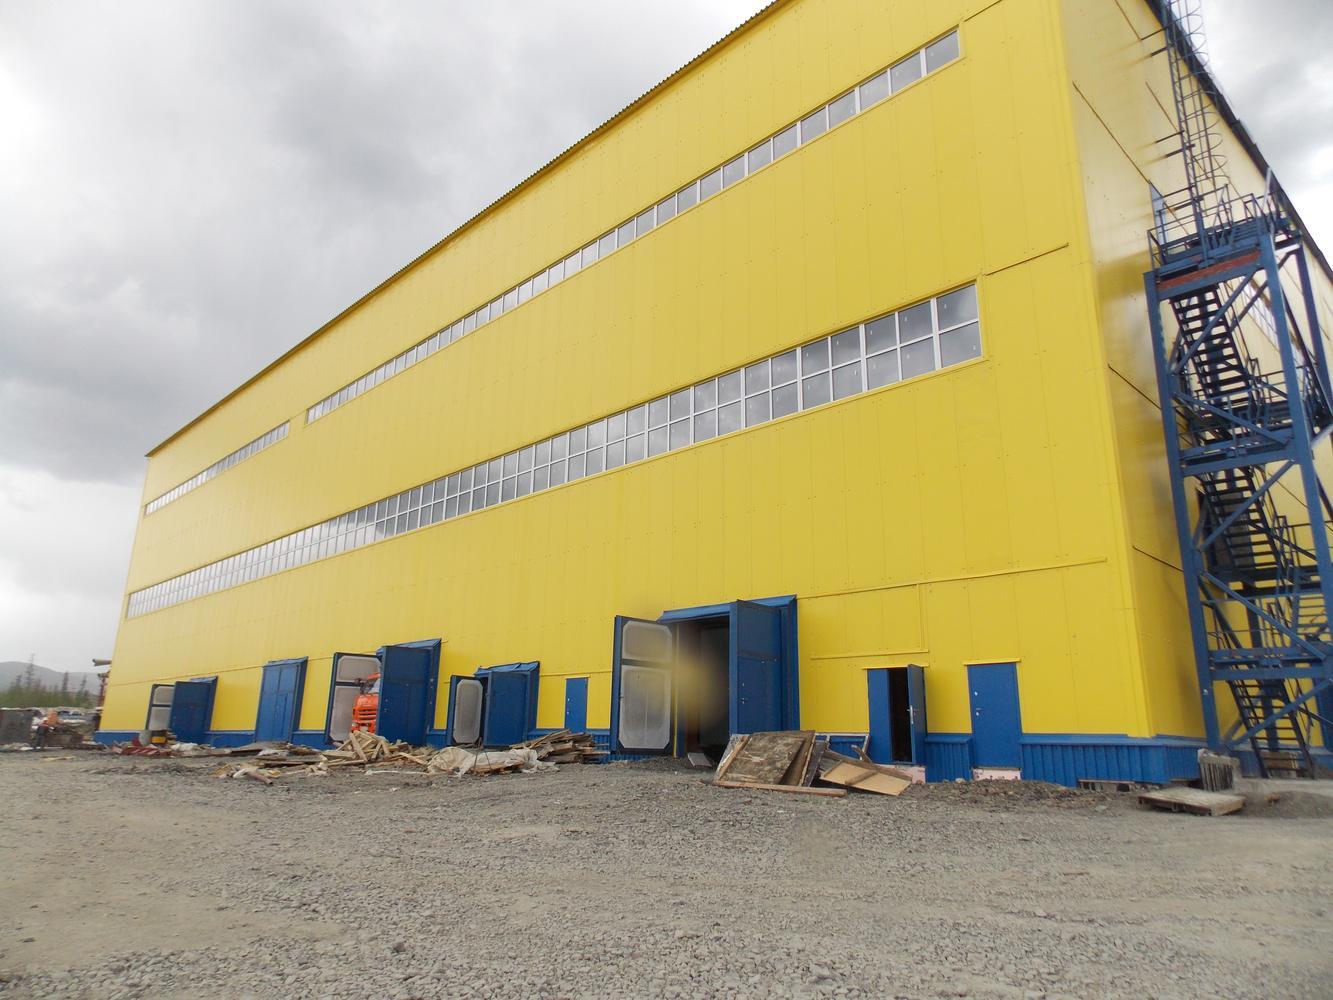 Золотоизвлекательная фабрика.  Тарынский горно – обогатительный комбинат.  Рабочая документация.